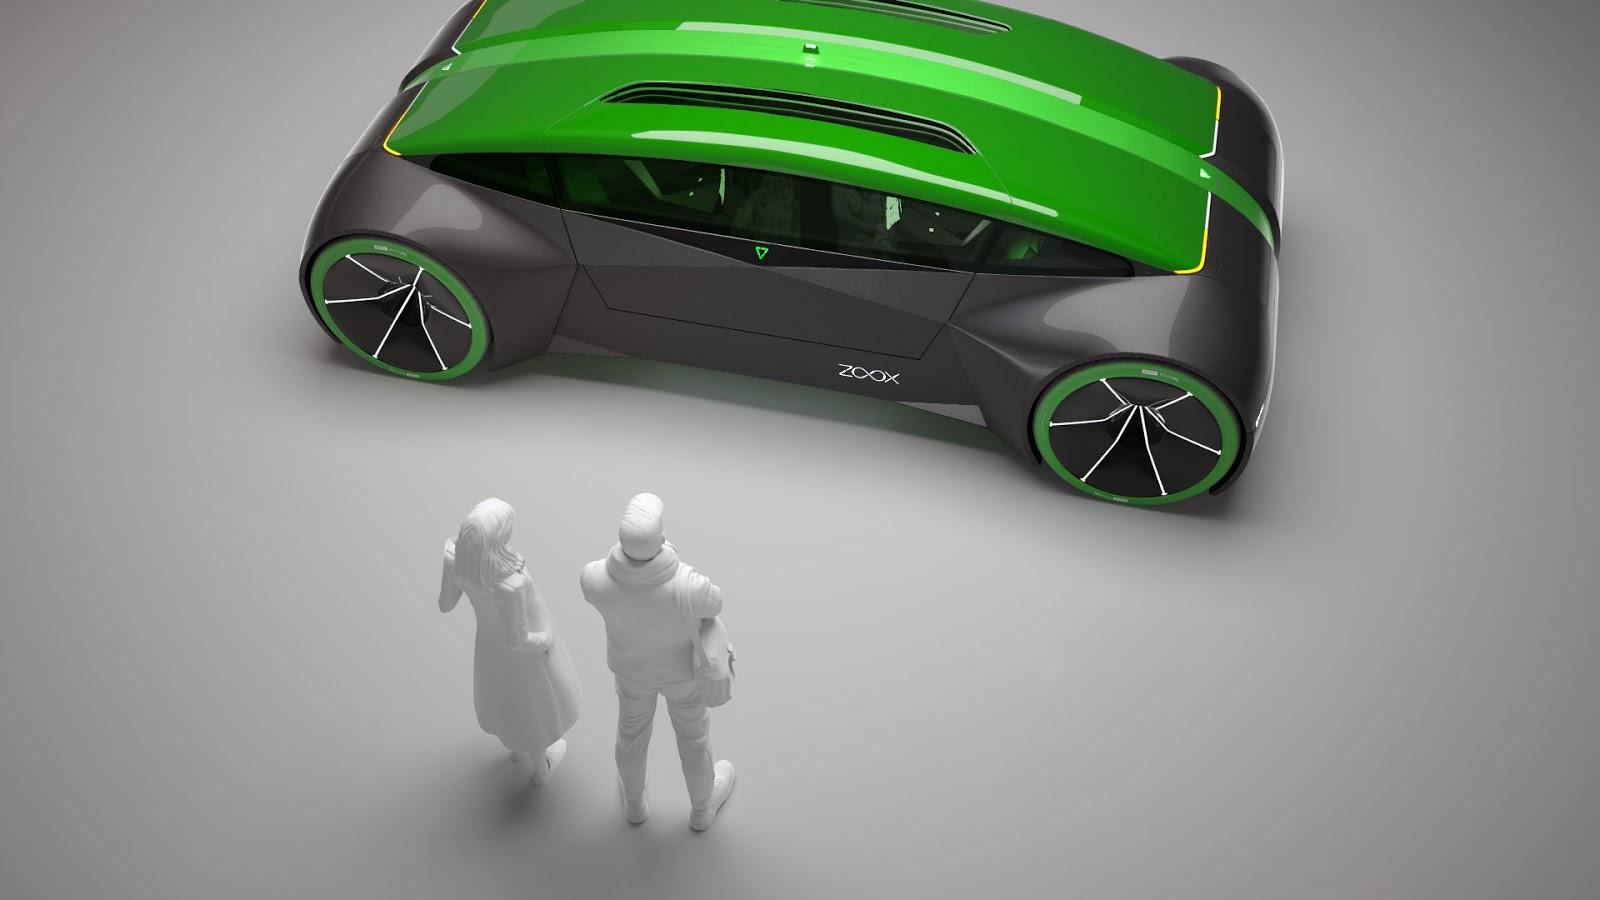 アップルカーが2021年に発売